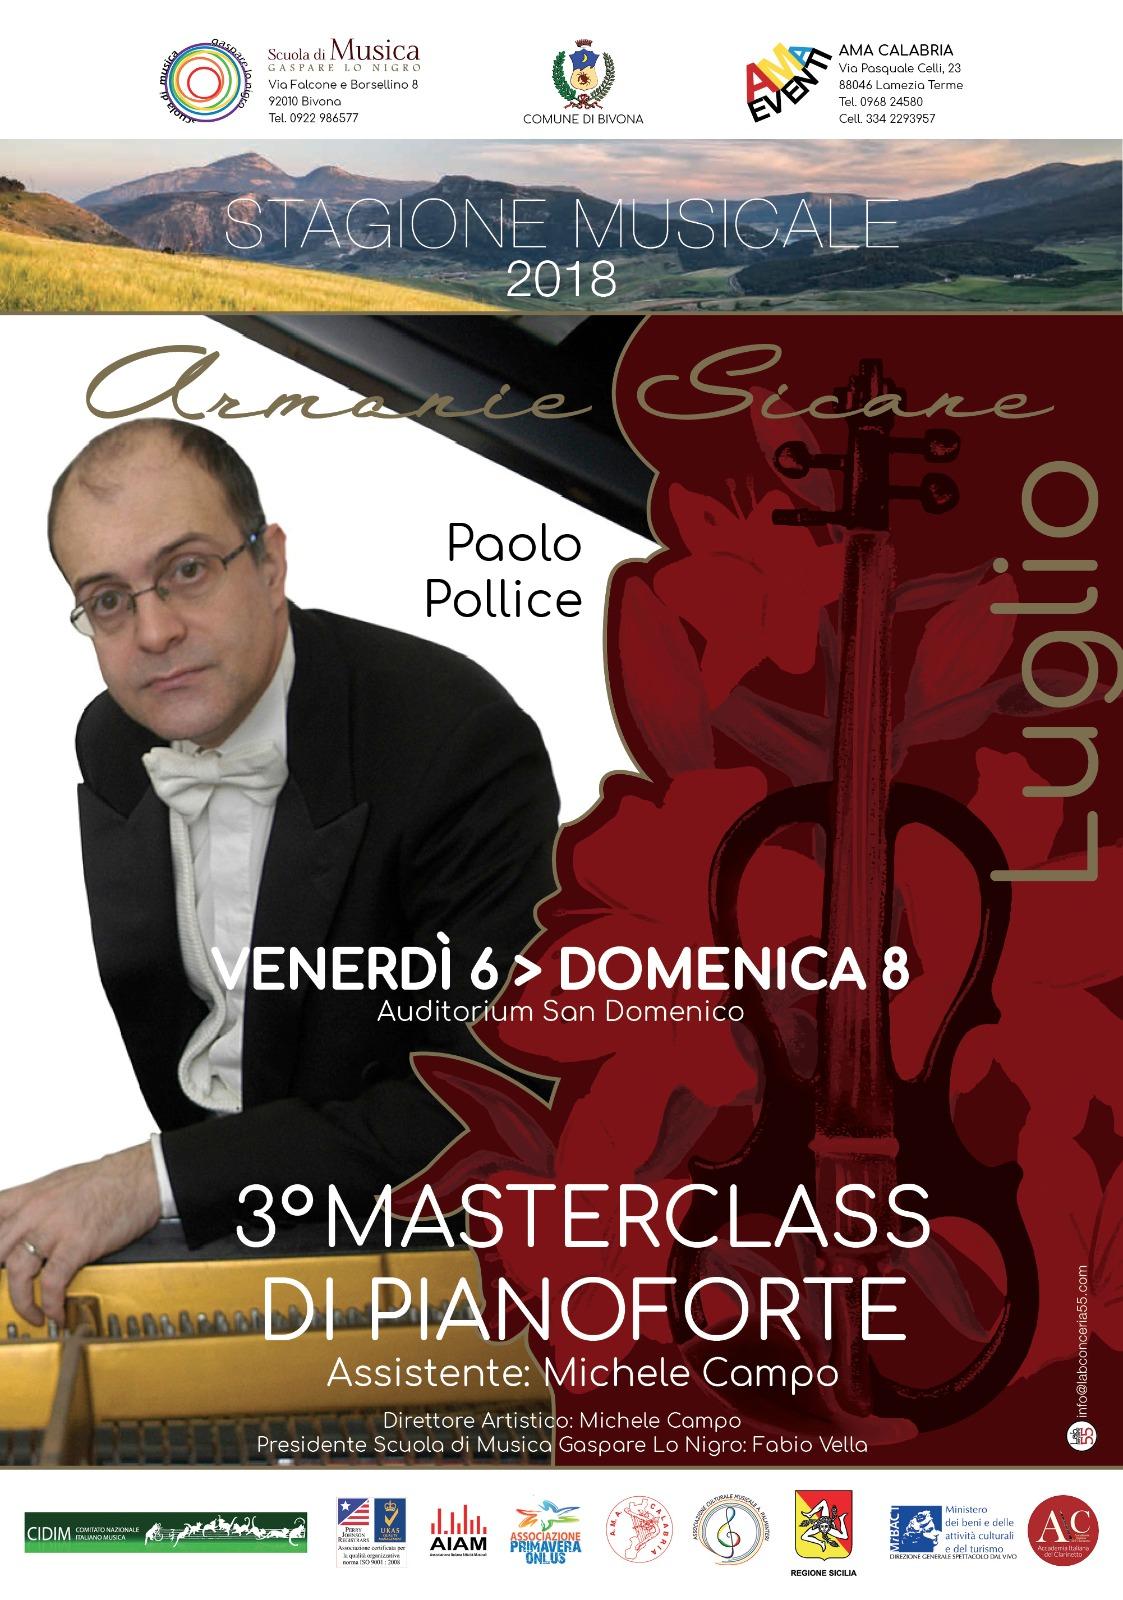 03 Masterclass Pianoforte